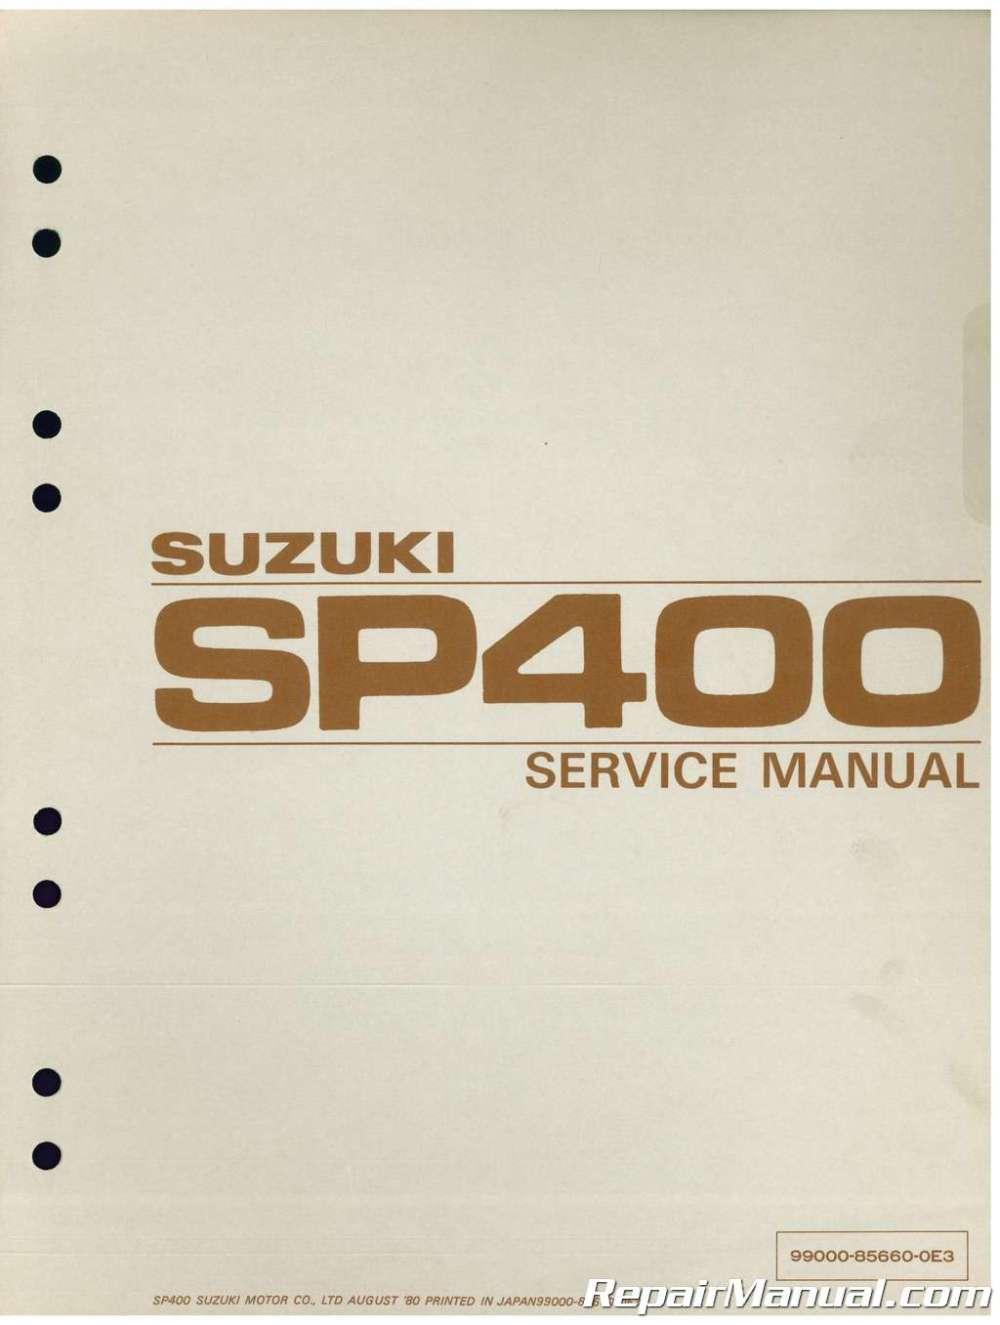 medium resolution of gn400 wiring diagram 1980 suzuki sp400 dr400 gn400 motorcycle service manual1980 suzuki sp400 dr400 gn400